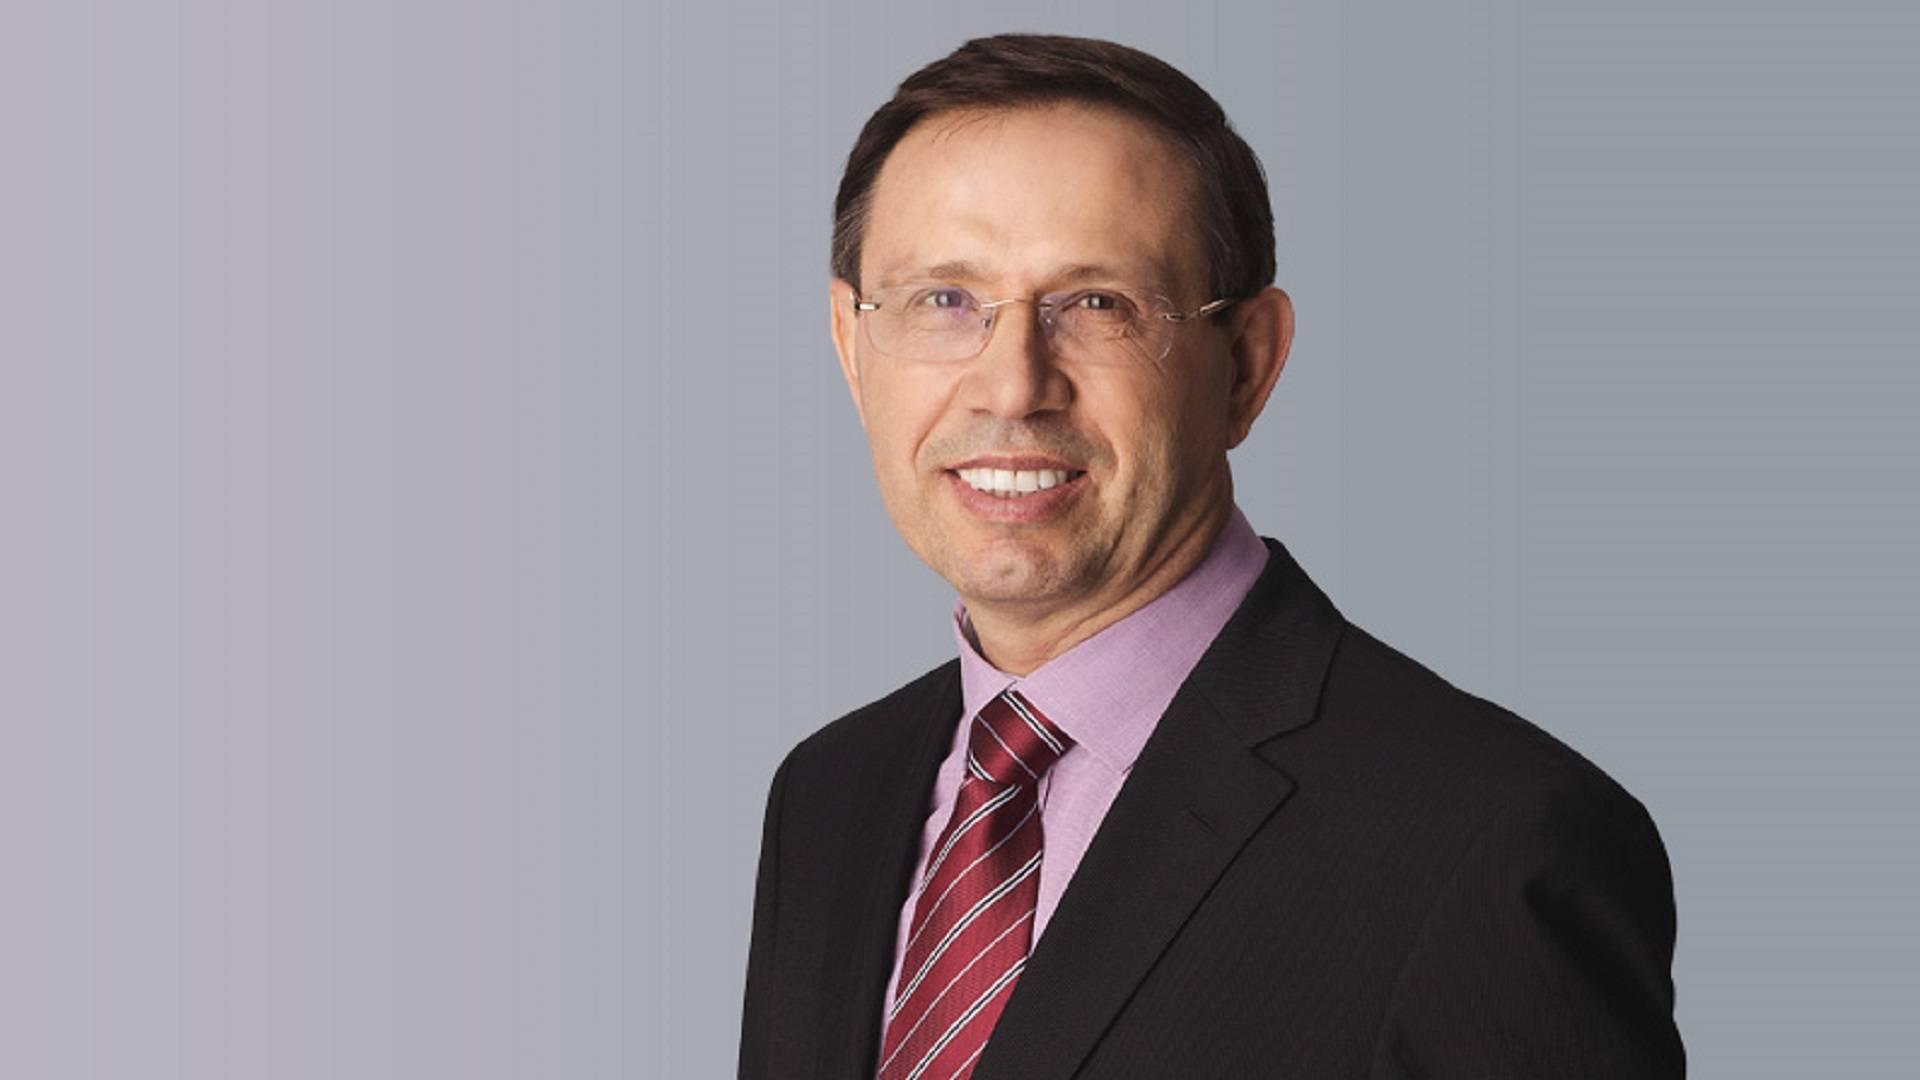 Carlos Wizard é fundador do Grupo Sforza, que vale cerca de R$ 2 bilhões, como também foi o criador do Grupo Multi.